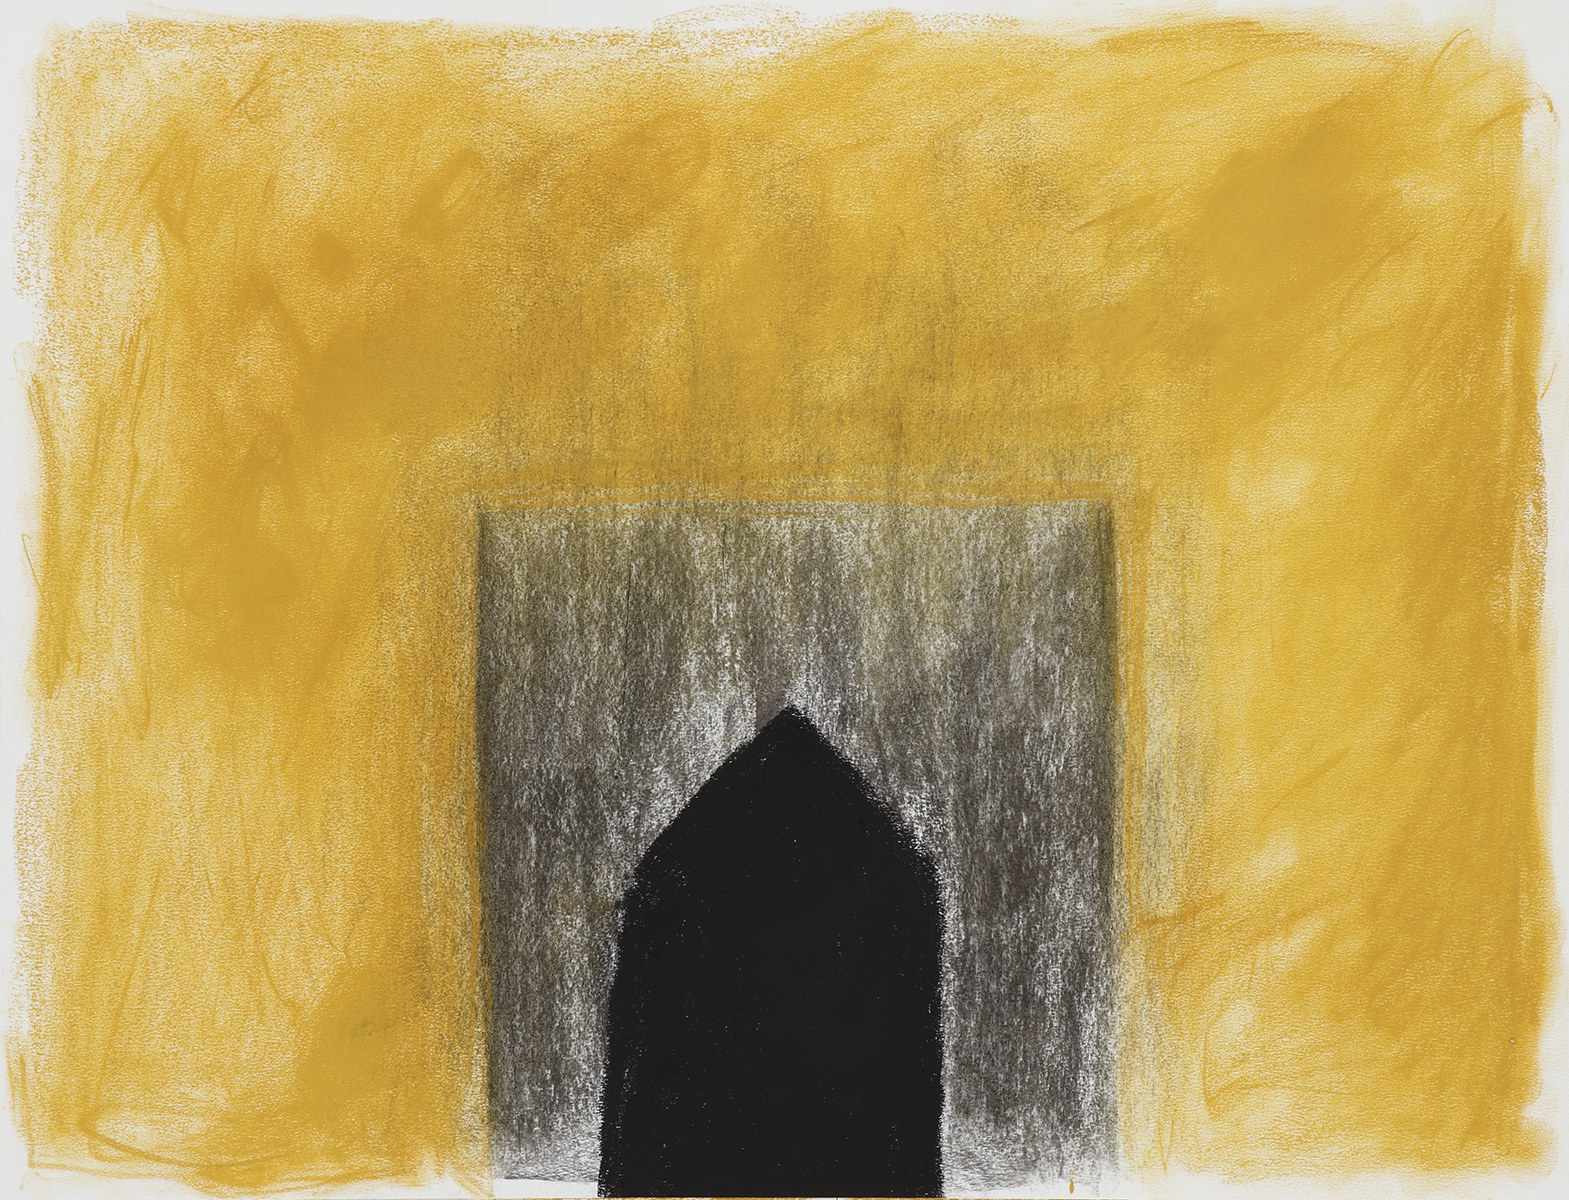 Huis 10 - OI inkt, pastelkrijt & houtskool - 50 x 70 cm